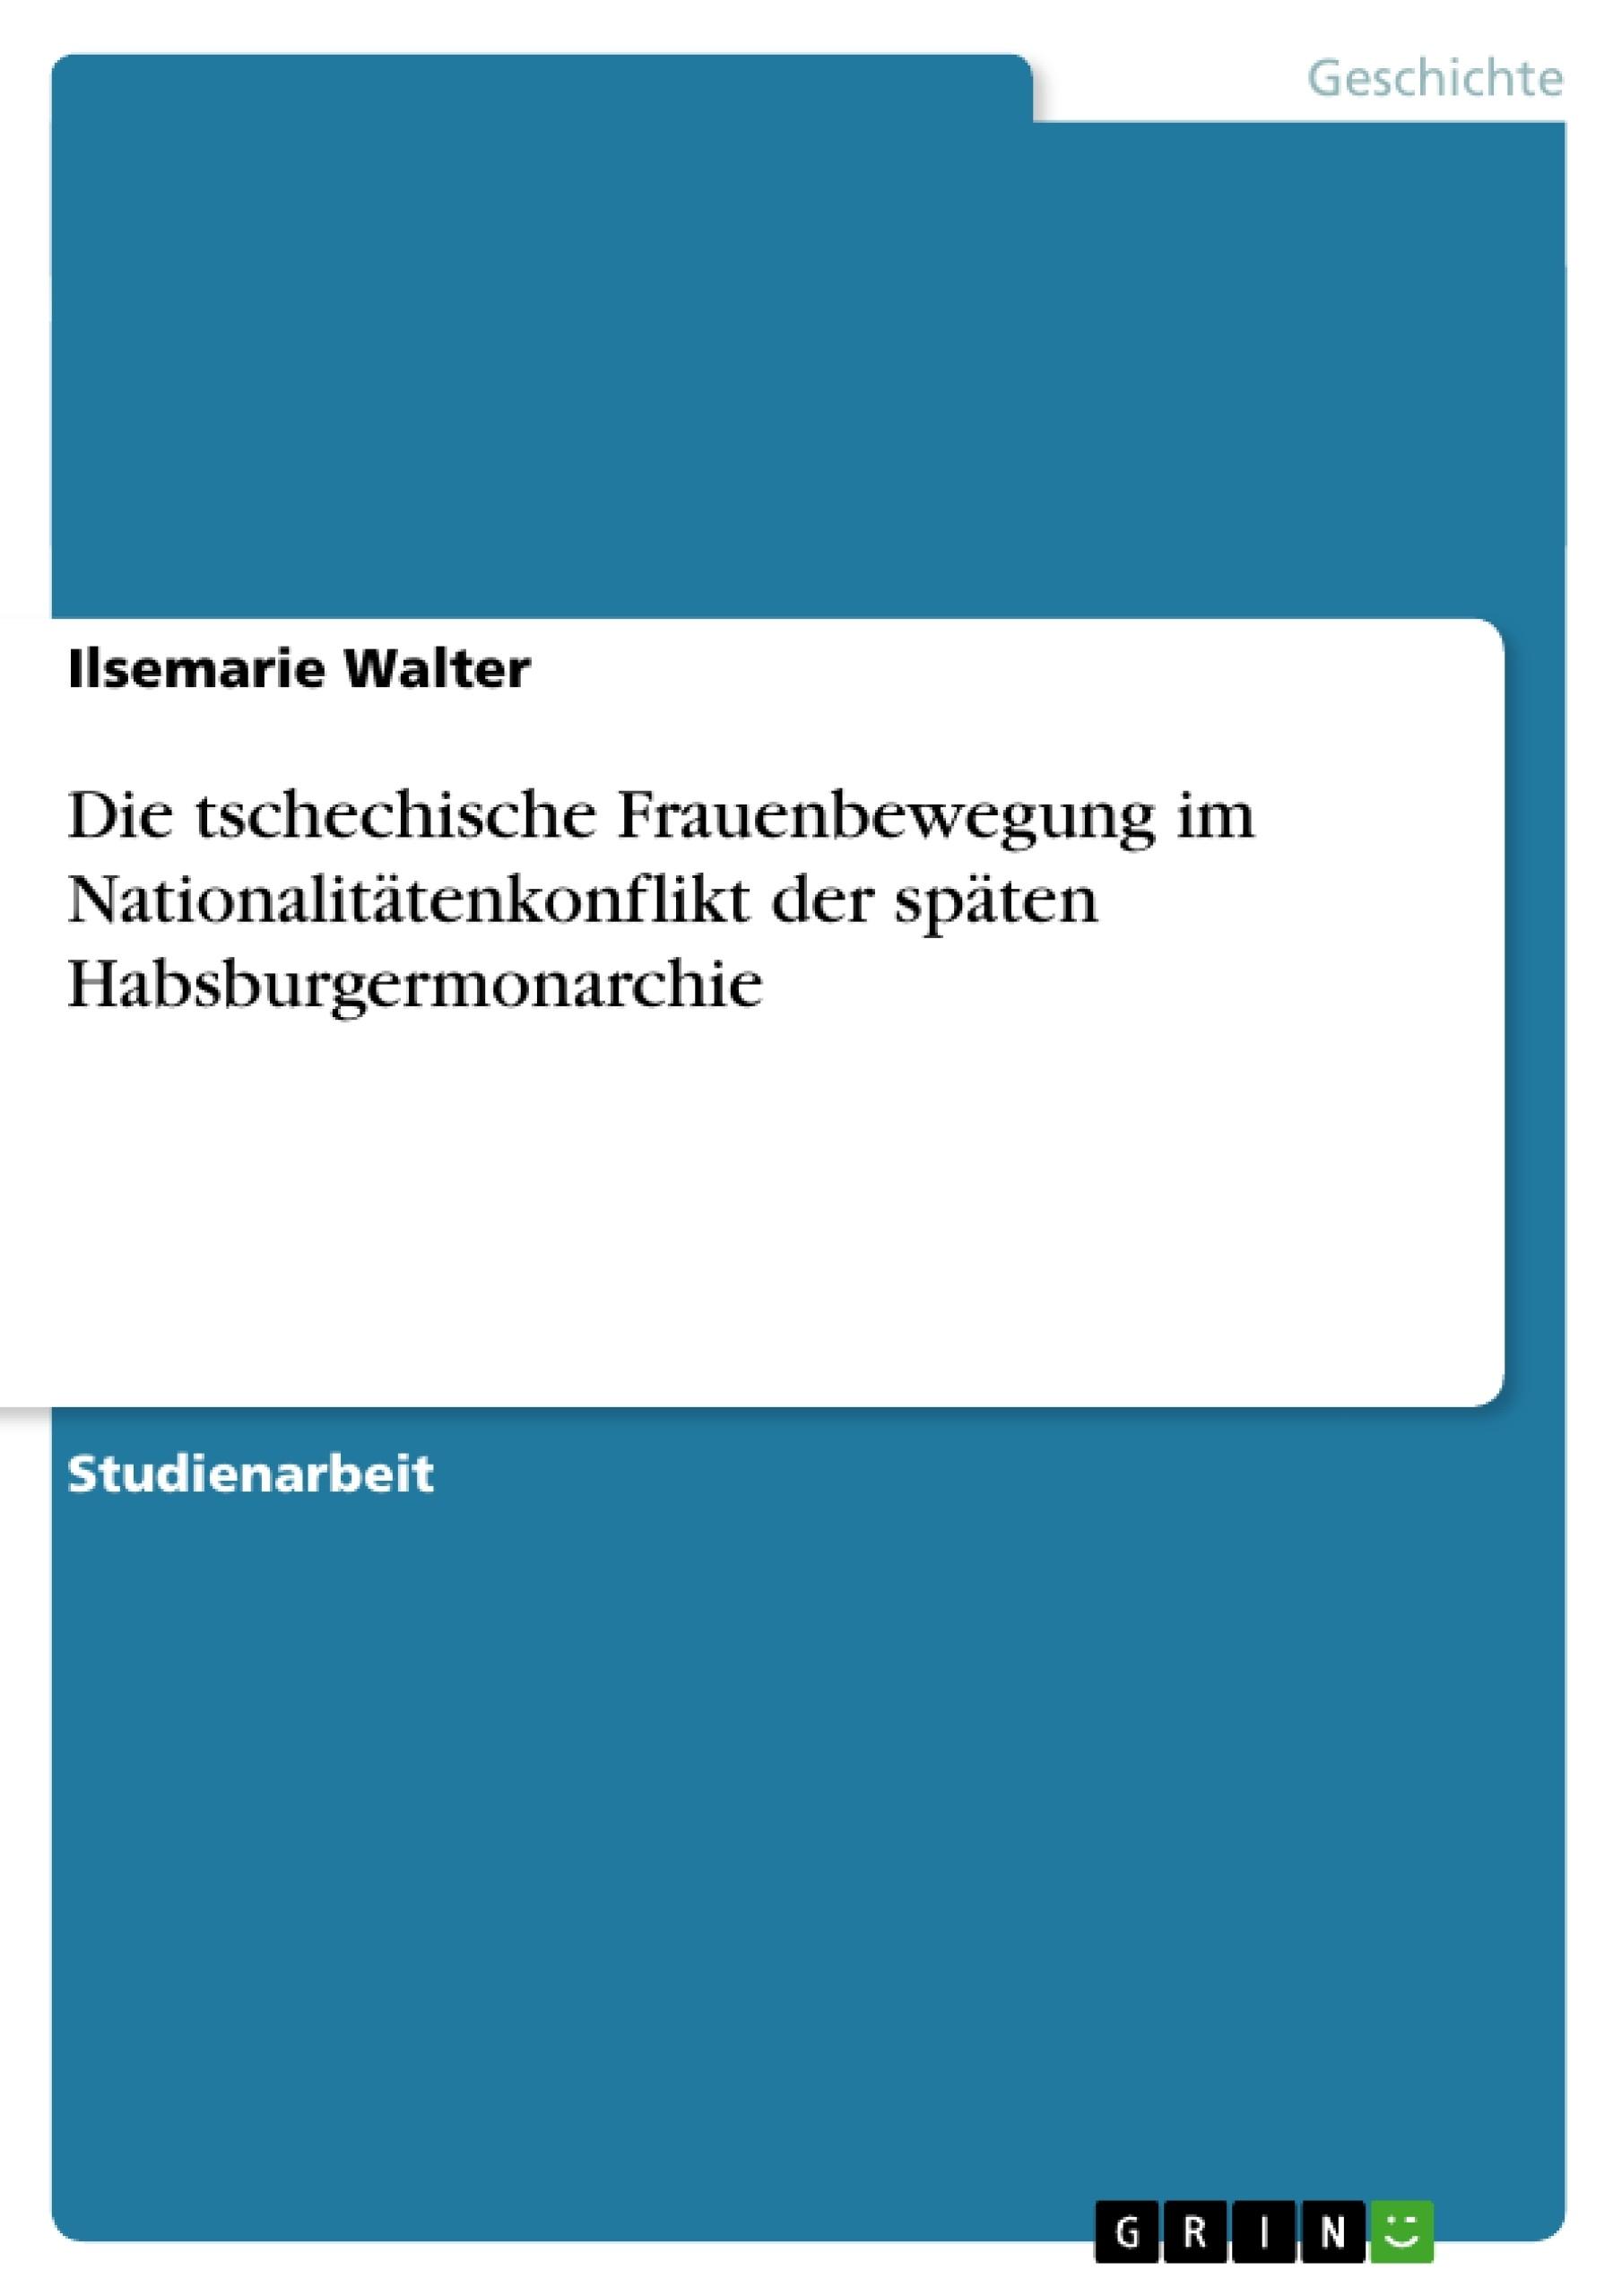 Titel: Die tschechische Frauenbewegung im Nationalitätenkonflikt der späten Habsburgermonarchie